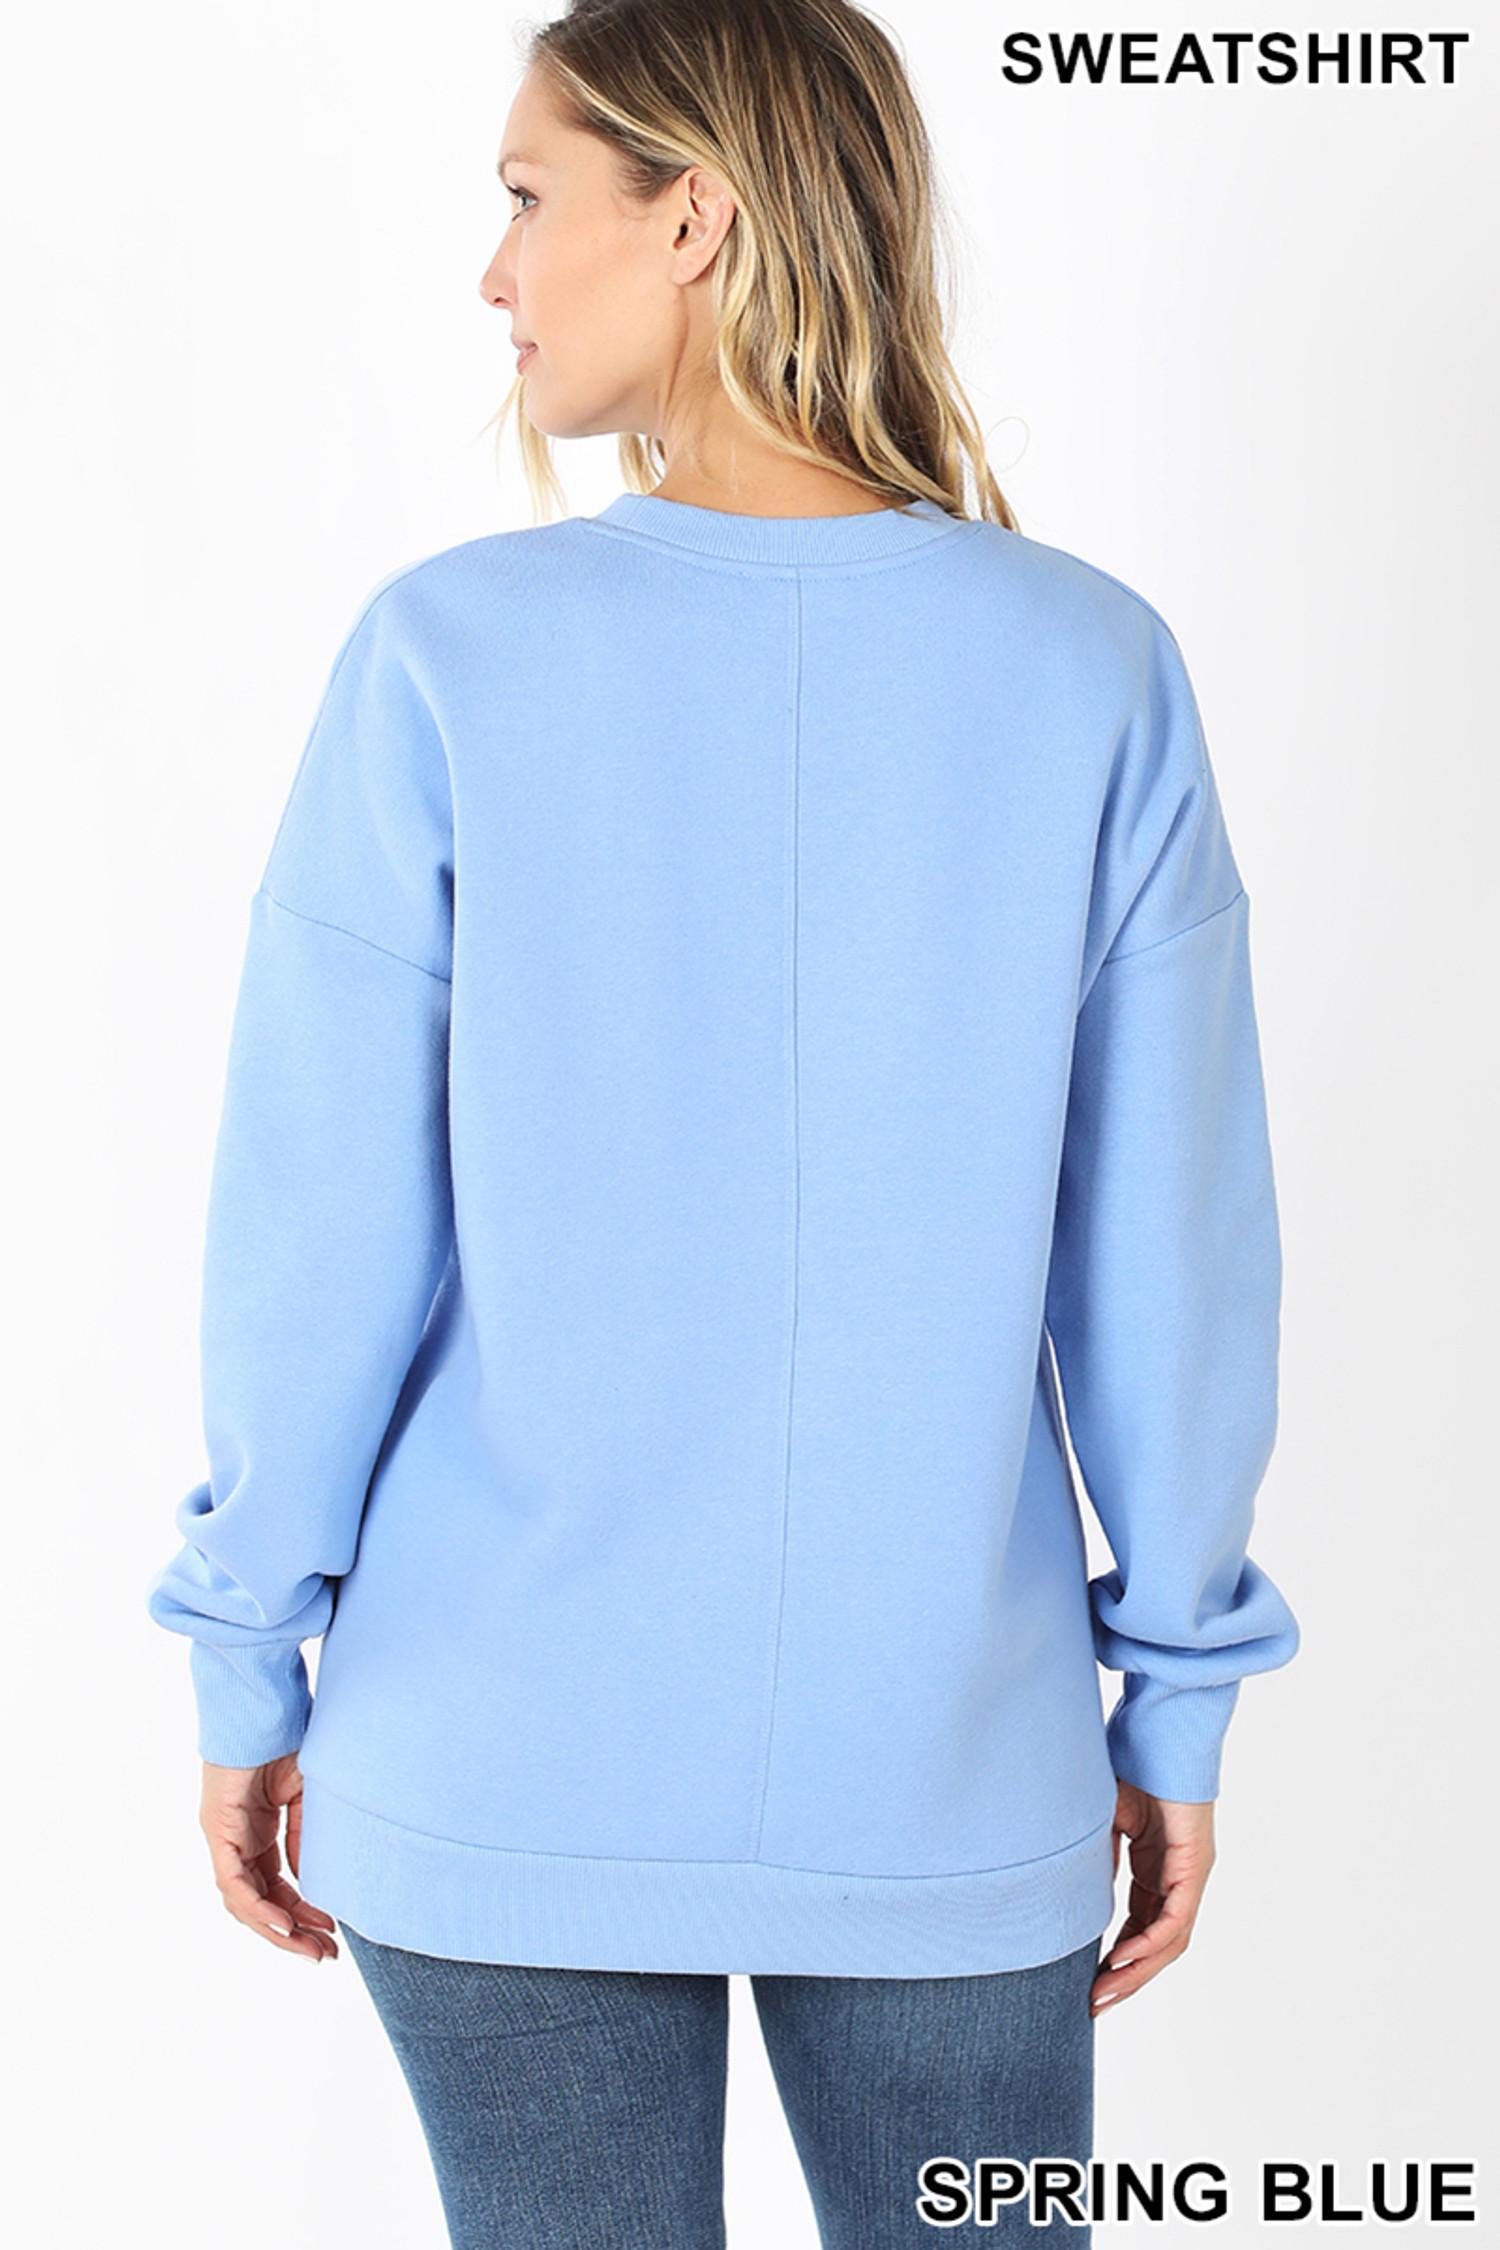 Round Crew Neck Sweatshirt with Side Pockets